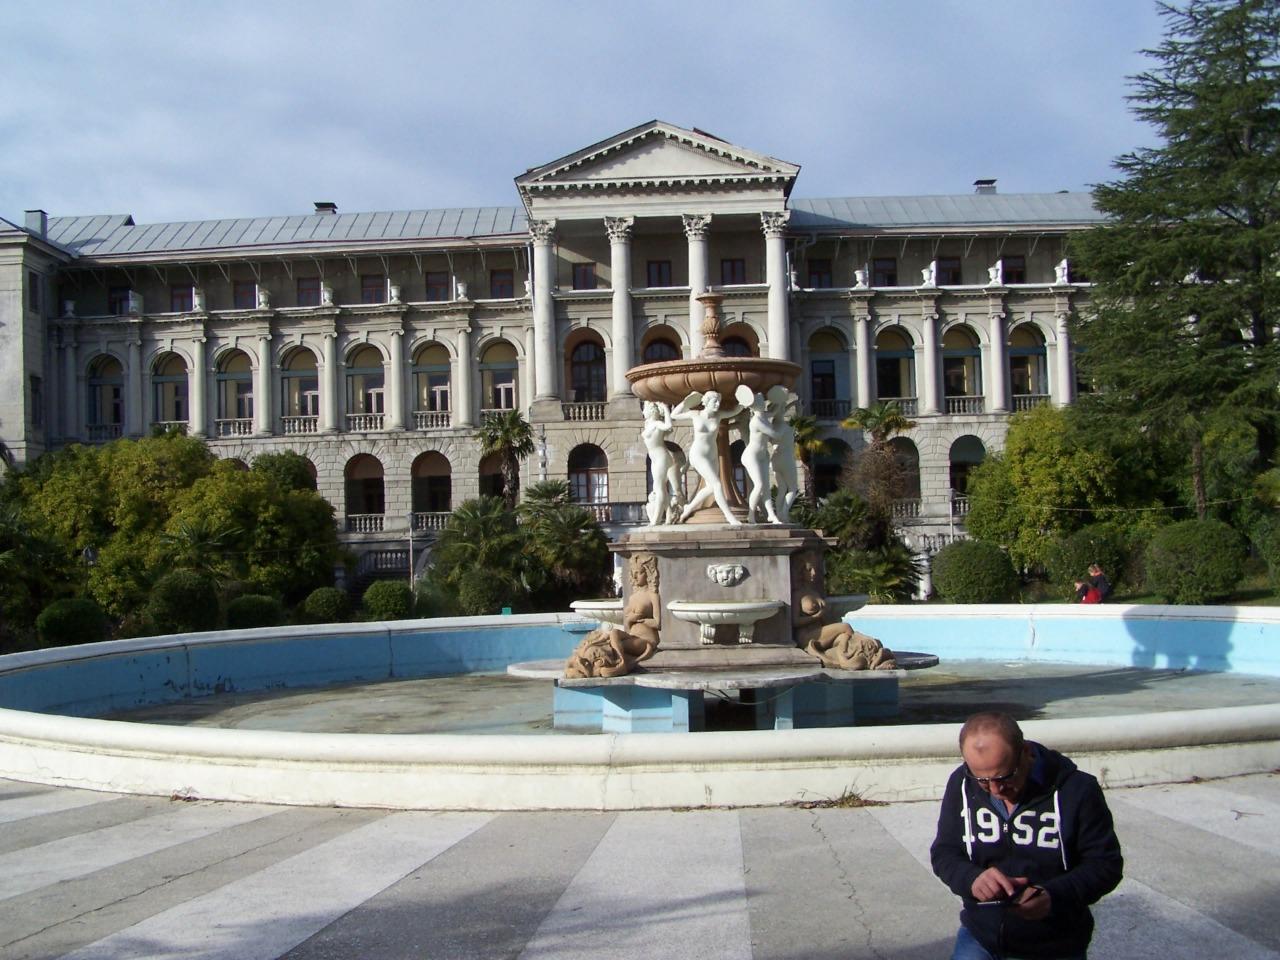 Санаторий имени Серго Орджоникидзе  - индивидуальная экскурсия в Сочи от опытного гида